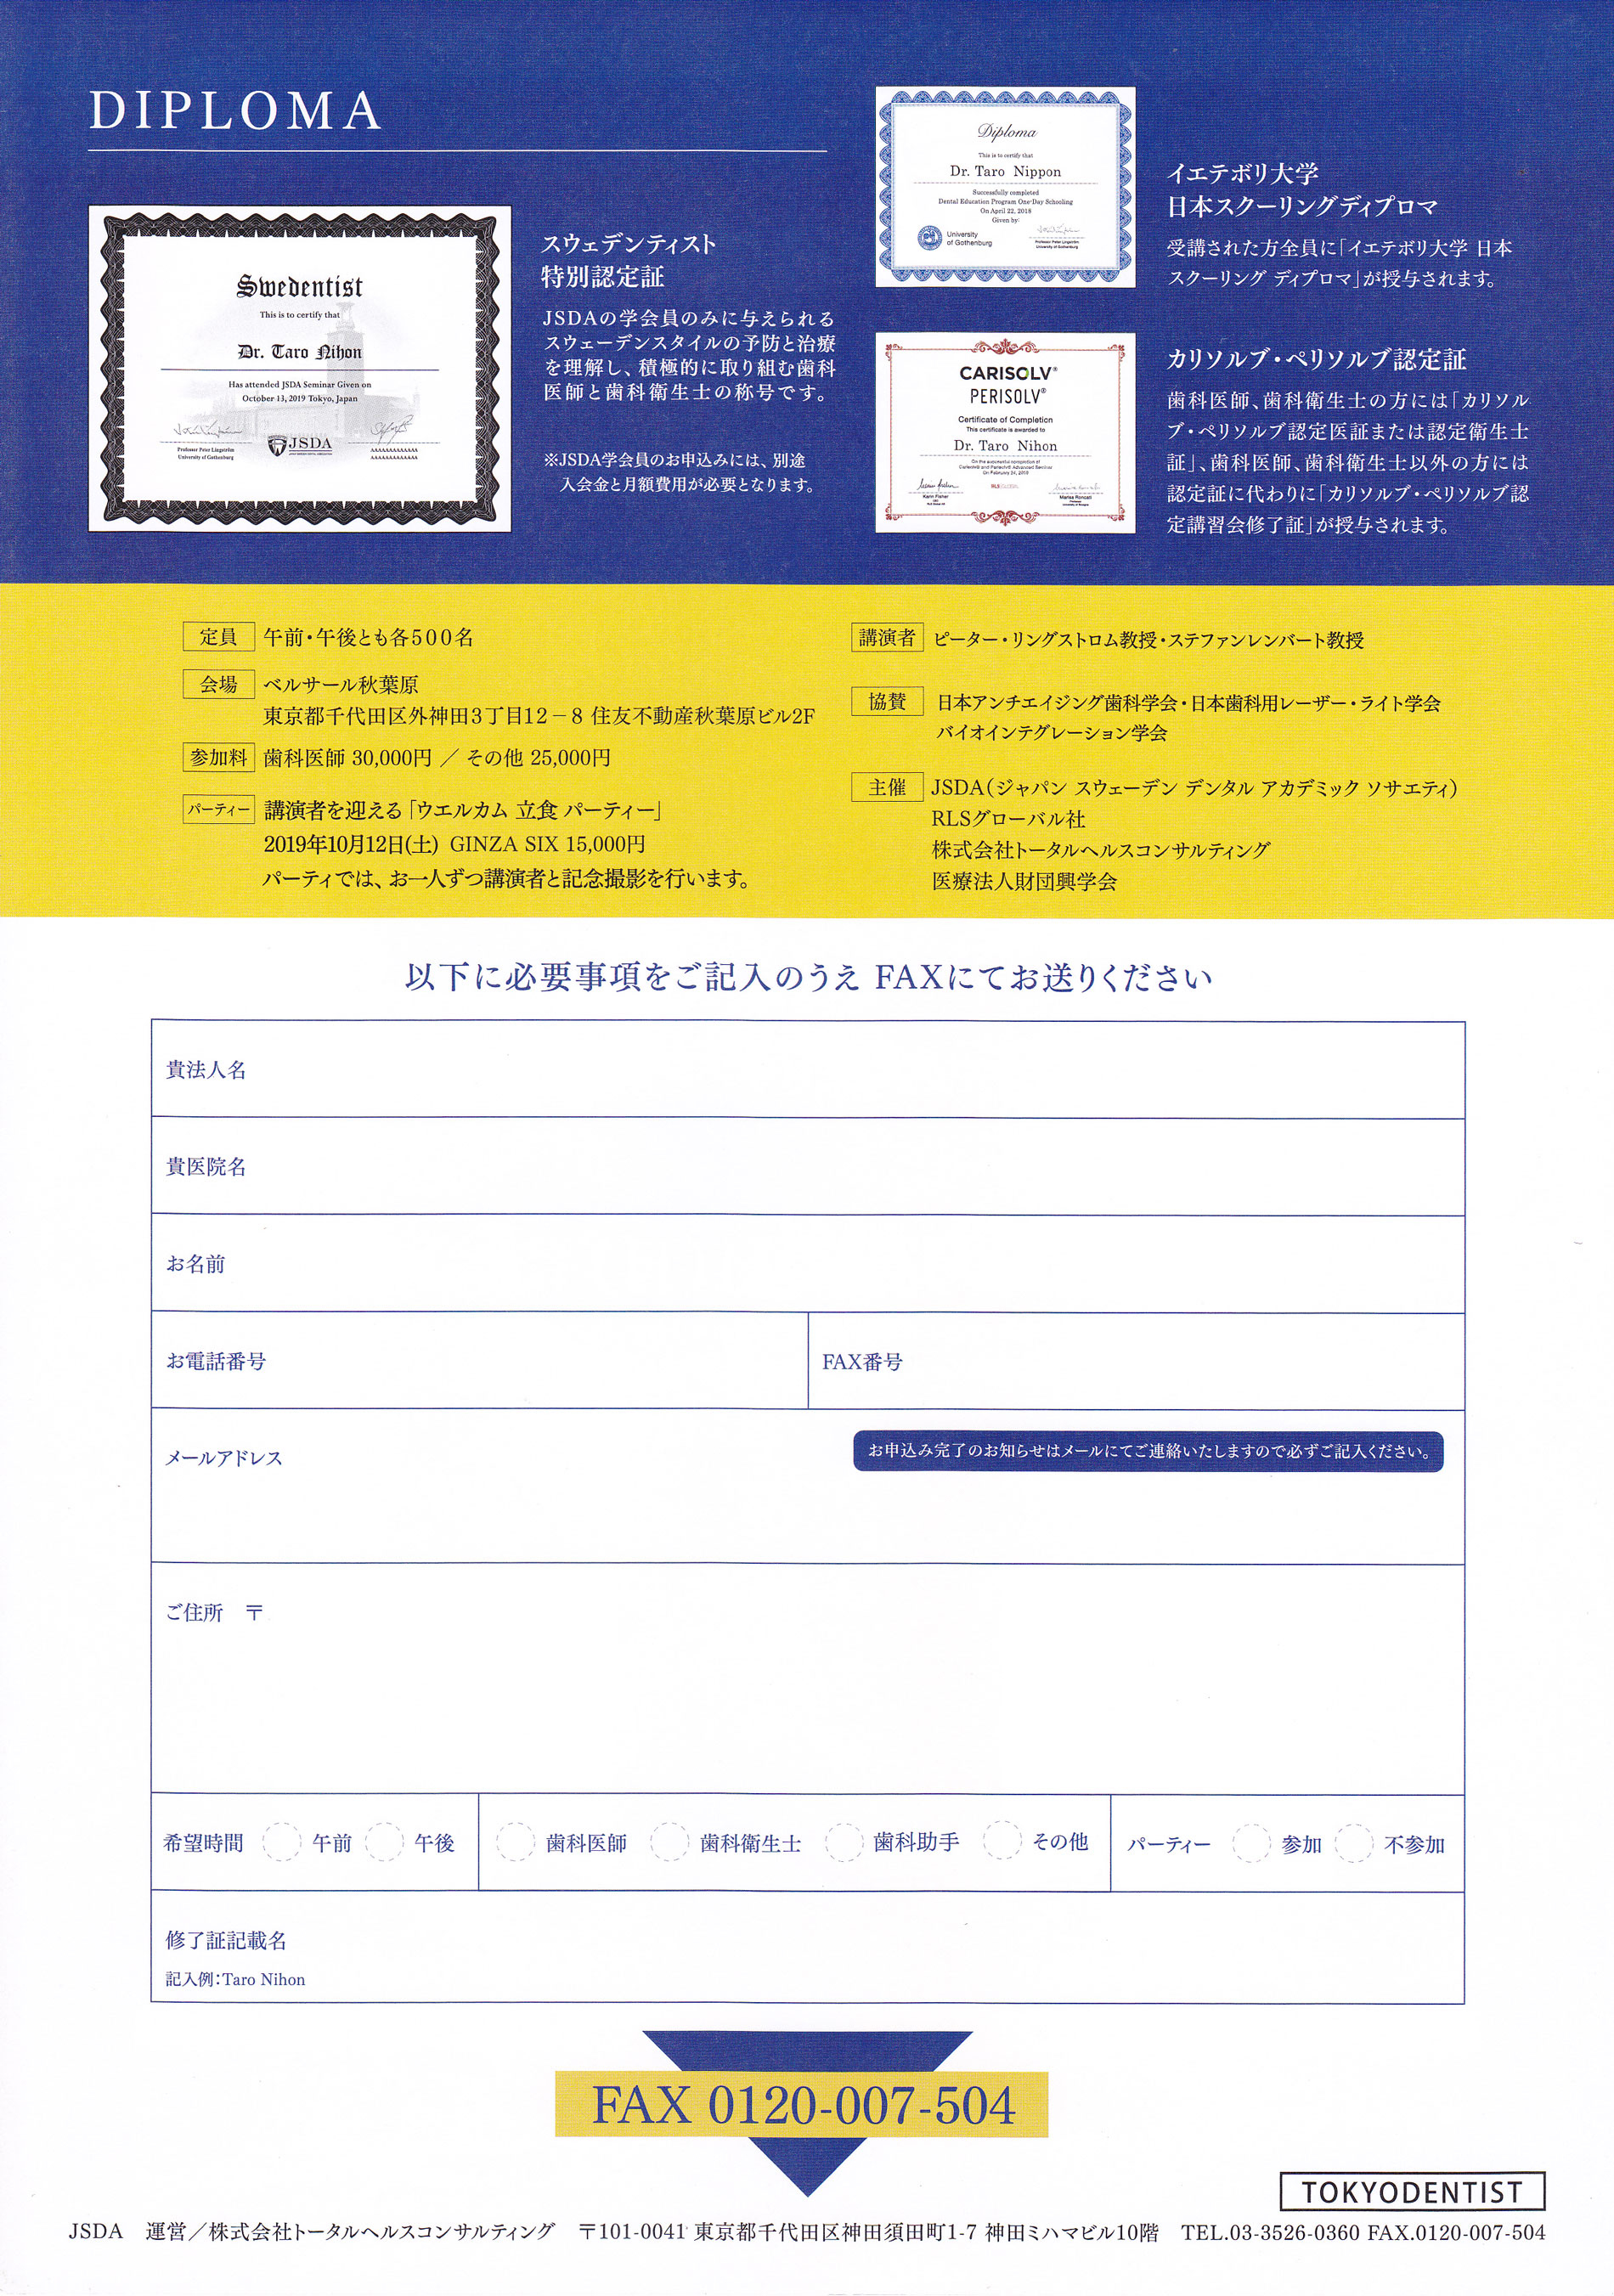 日本スウェーデン歯科学会講習申し込み用紙